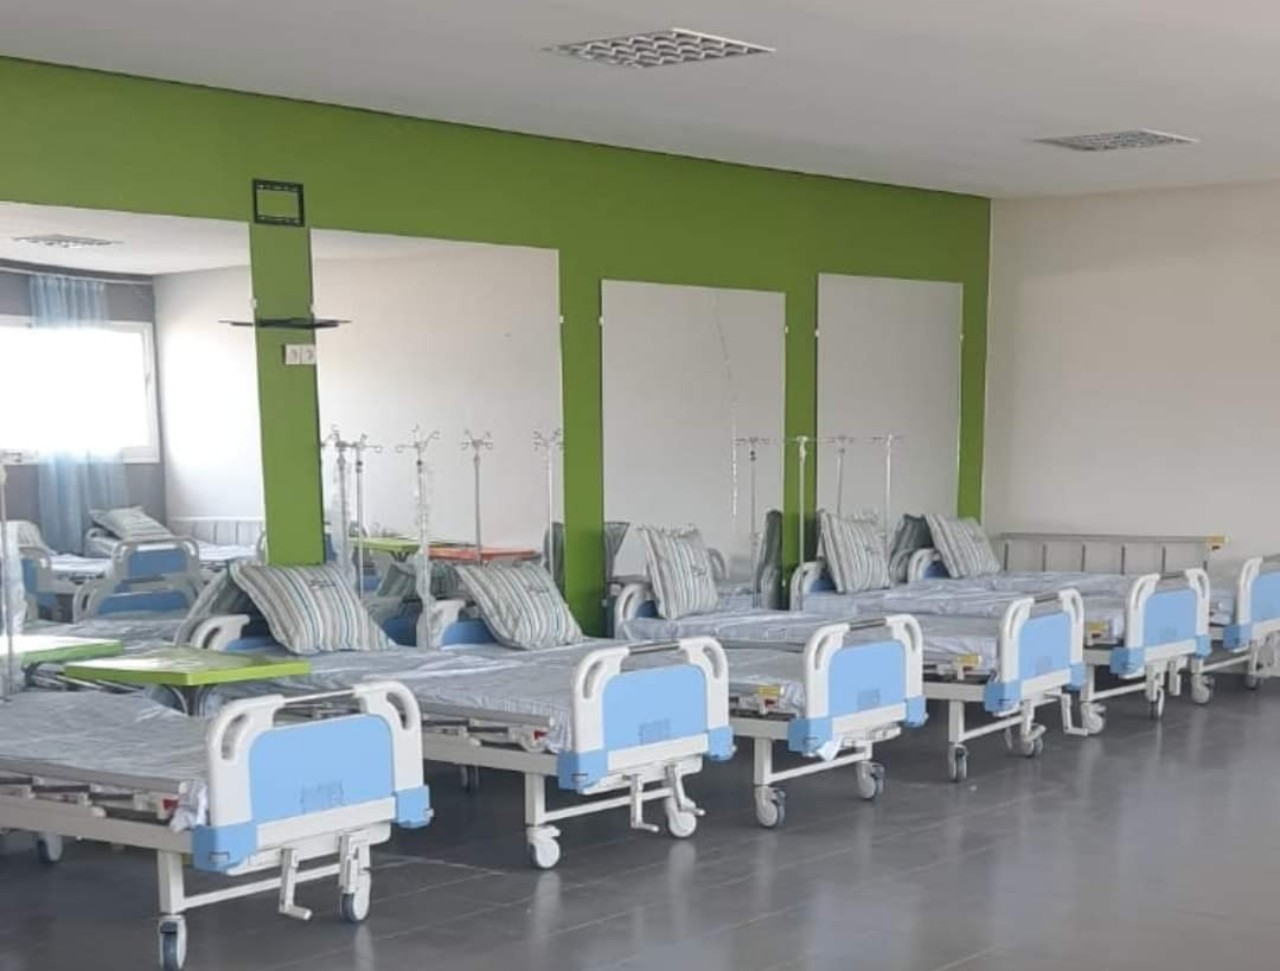 8 حالات بقسم الإنعاش بمستشفى القرب  بإمزورن الحسيمة